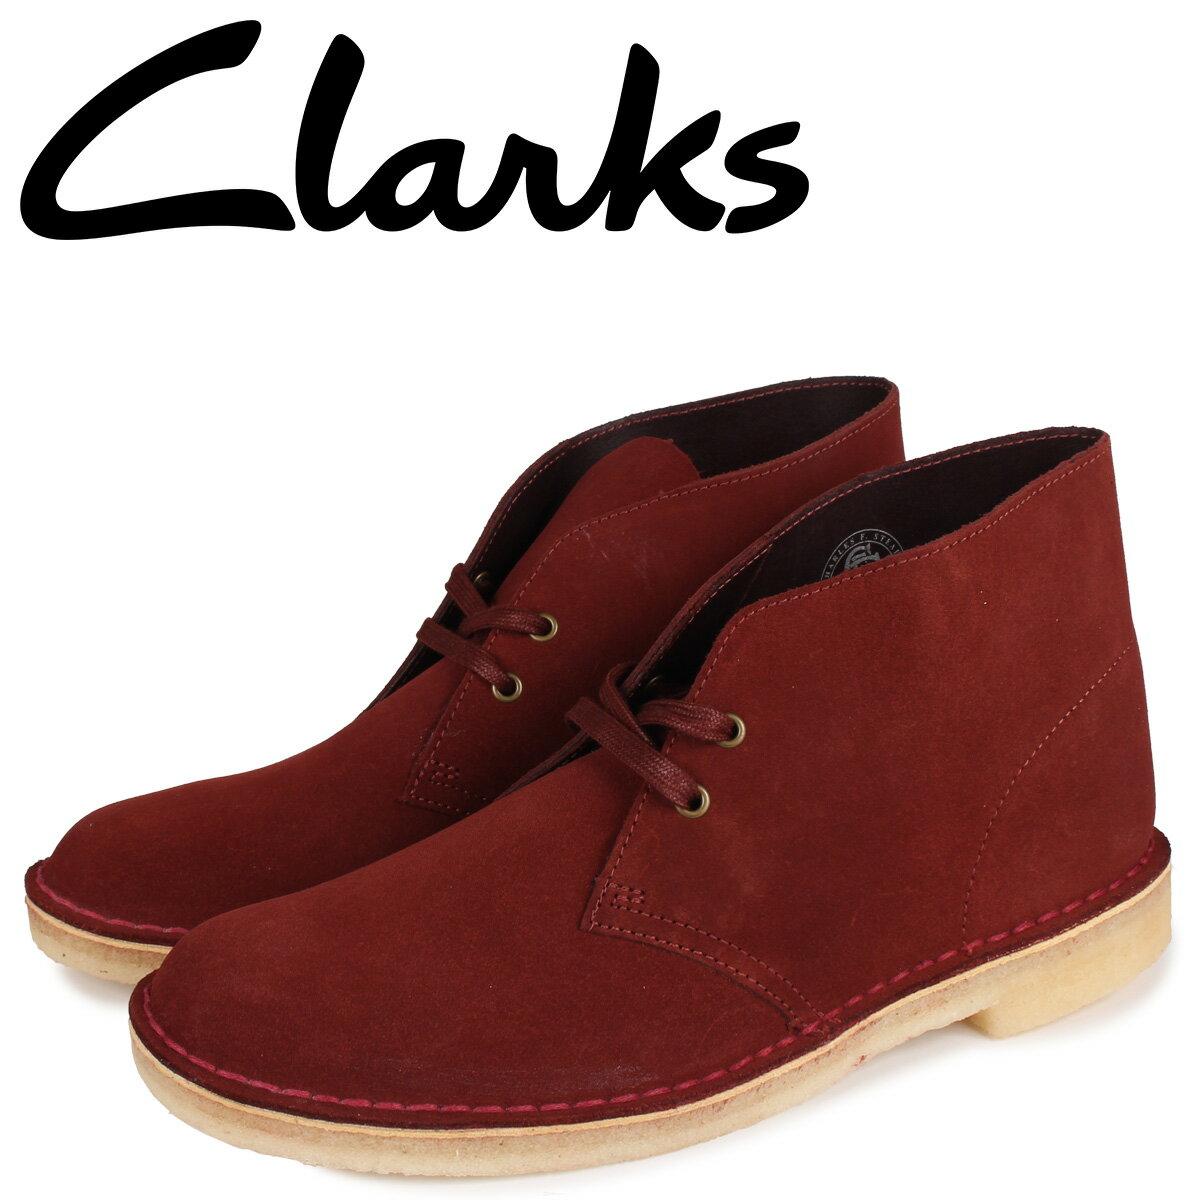 ブーツ, デザート 1000OFF Clarks DESERT BOOT 26154729